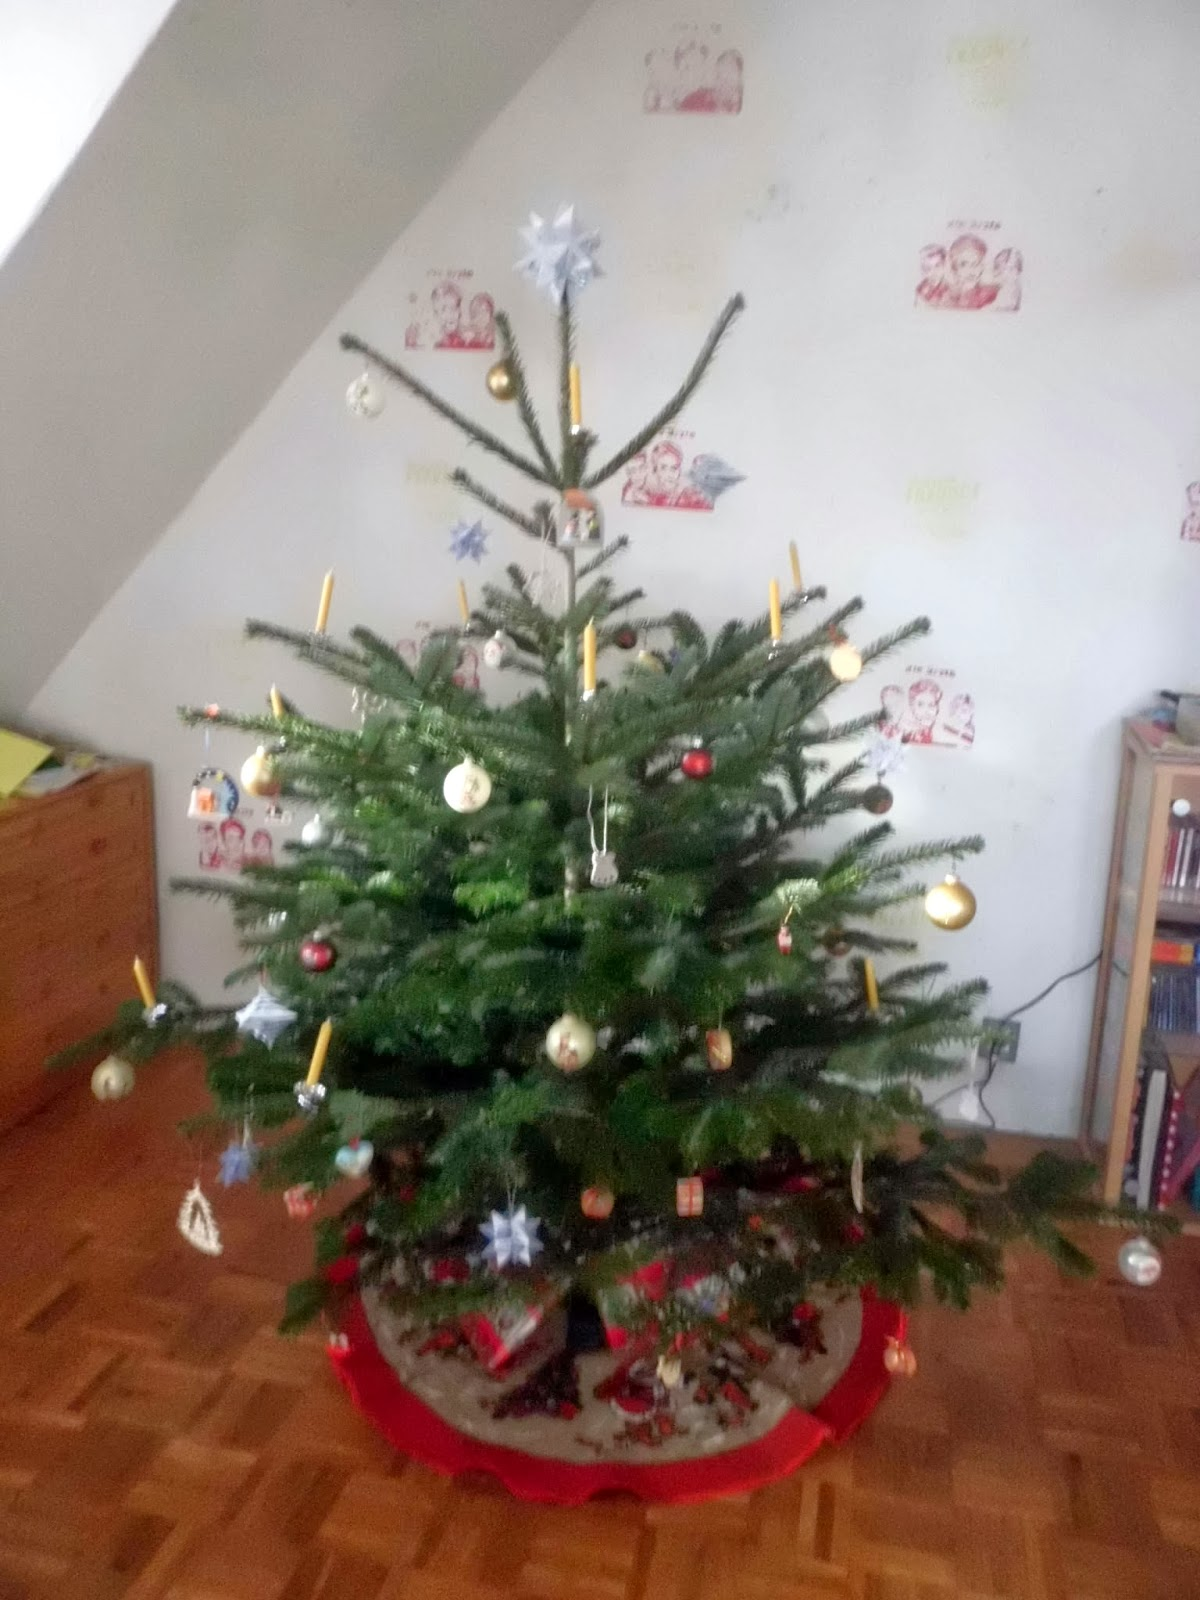 Neues aus der traumwerkstadt dezember 2013 for Tannenbaumspitze stern